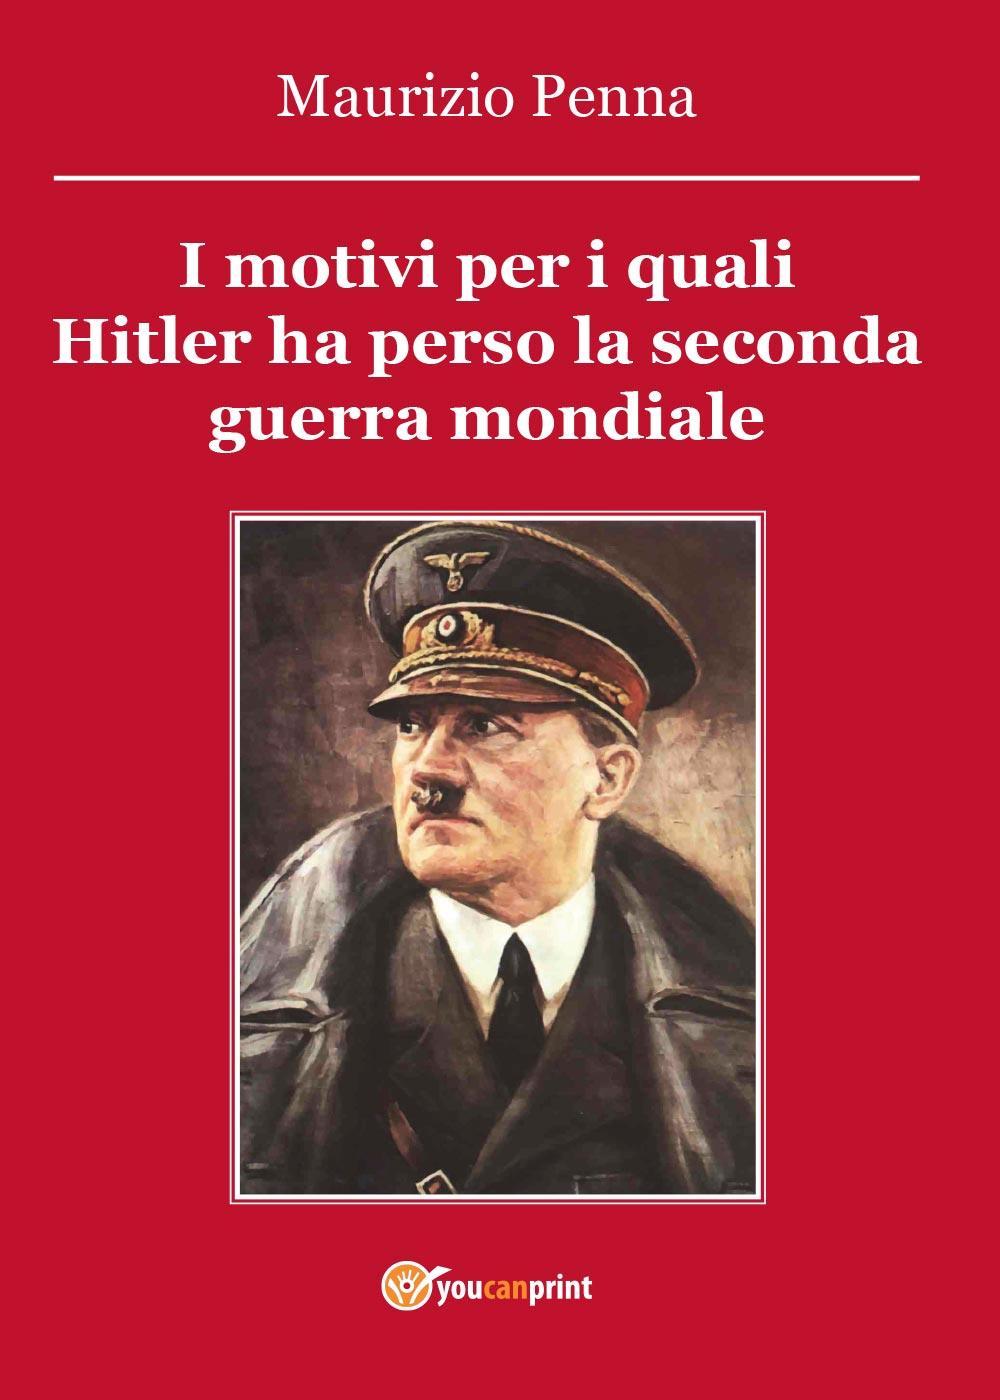 I motivi per i quali Hitler ha perso la seconda guerra mondiale